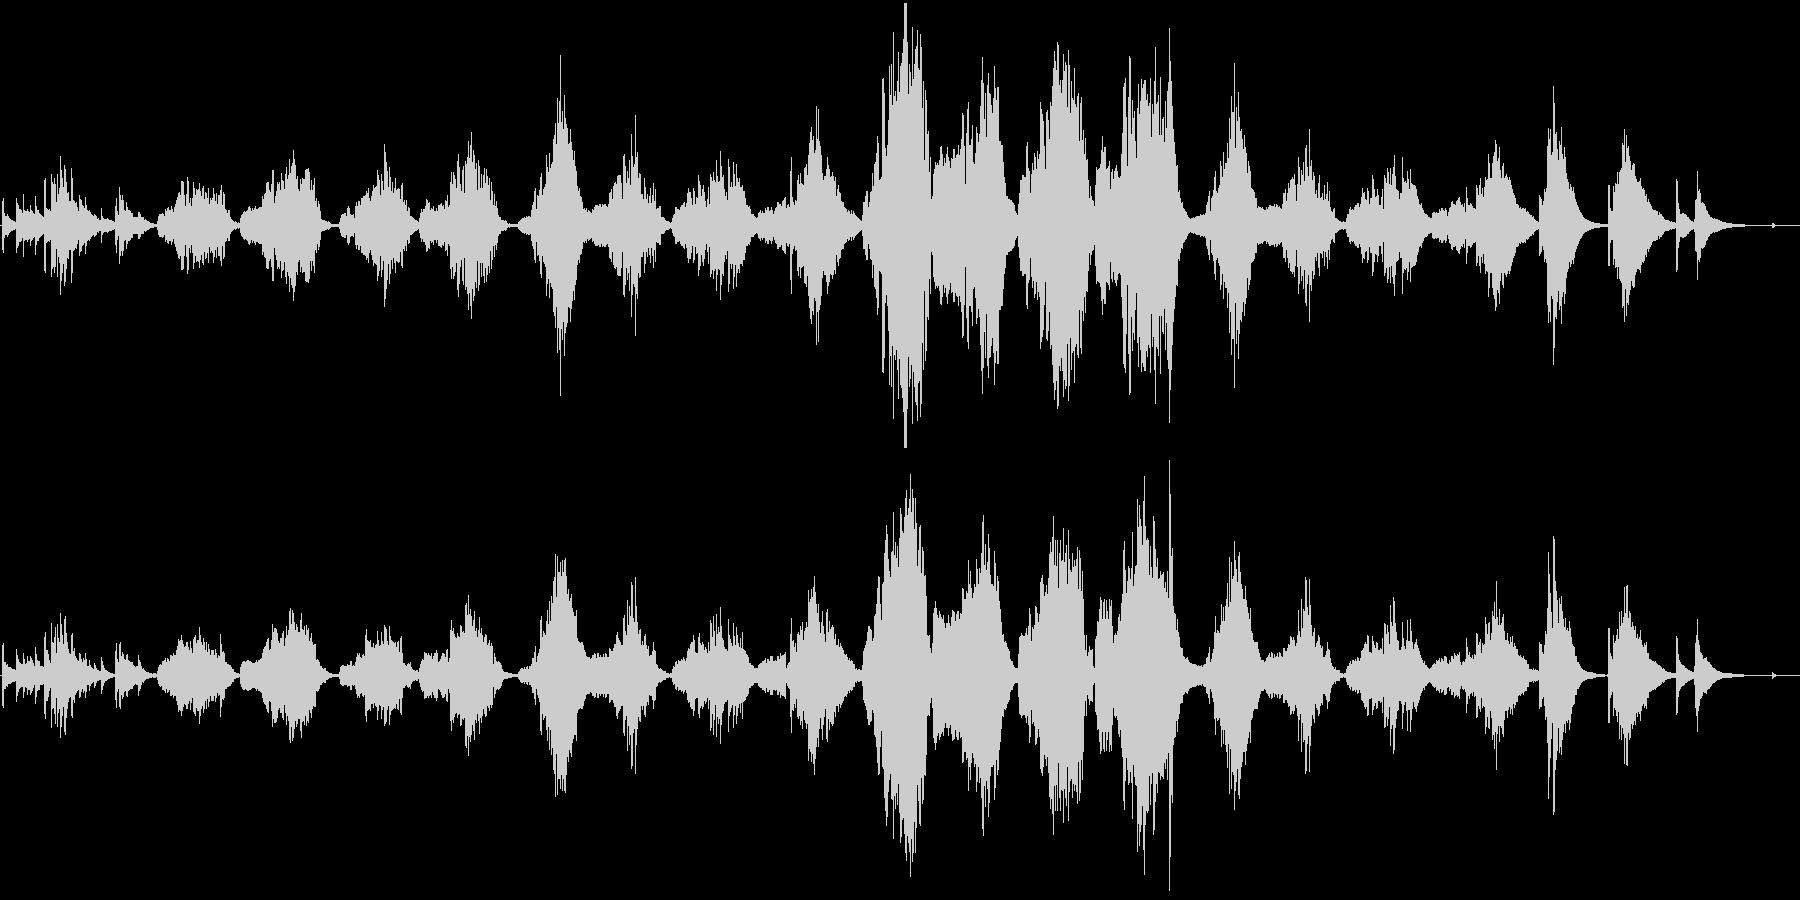 パンフルートとギターによる「月の砂漠」の未再生の波形